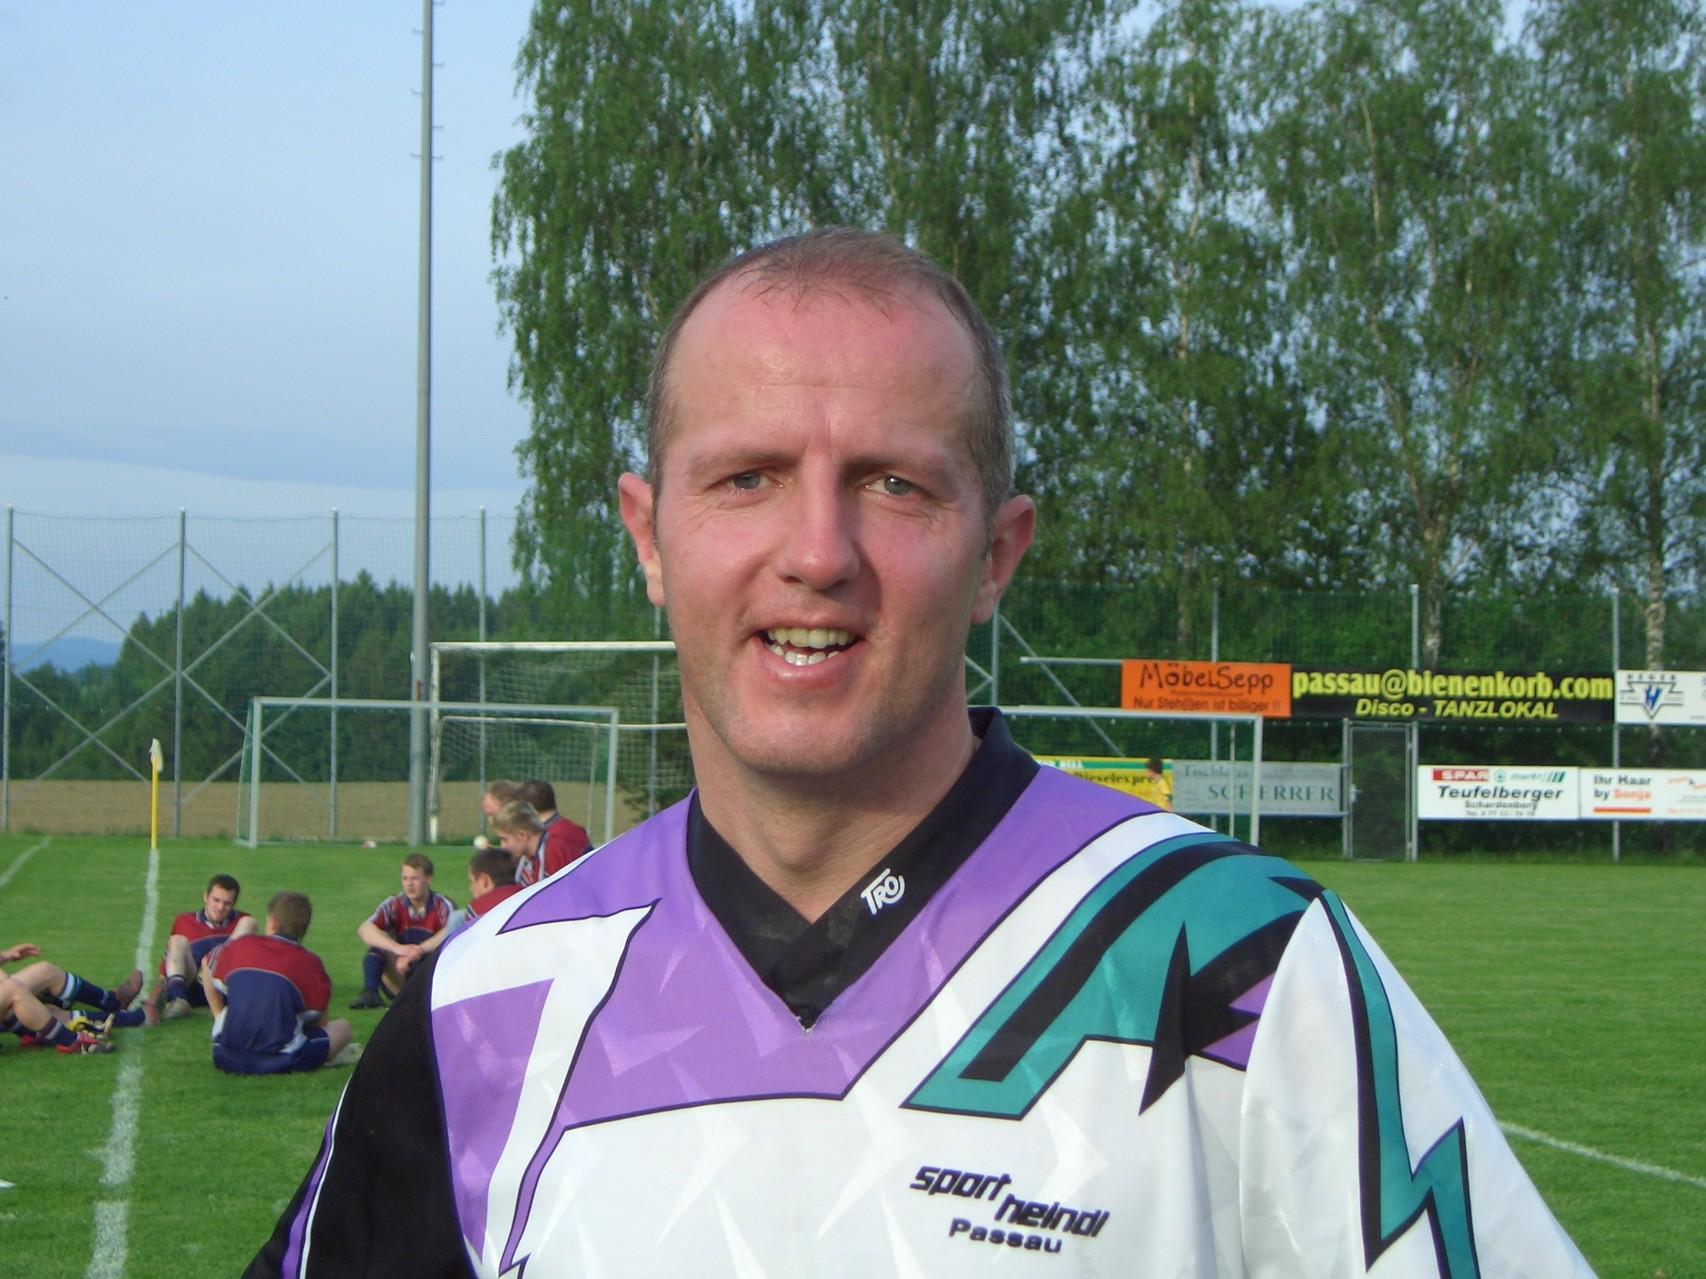 Torschützenkönig 2007 - Mayr Gerhard